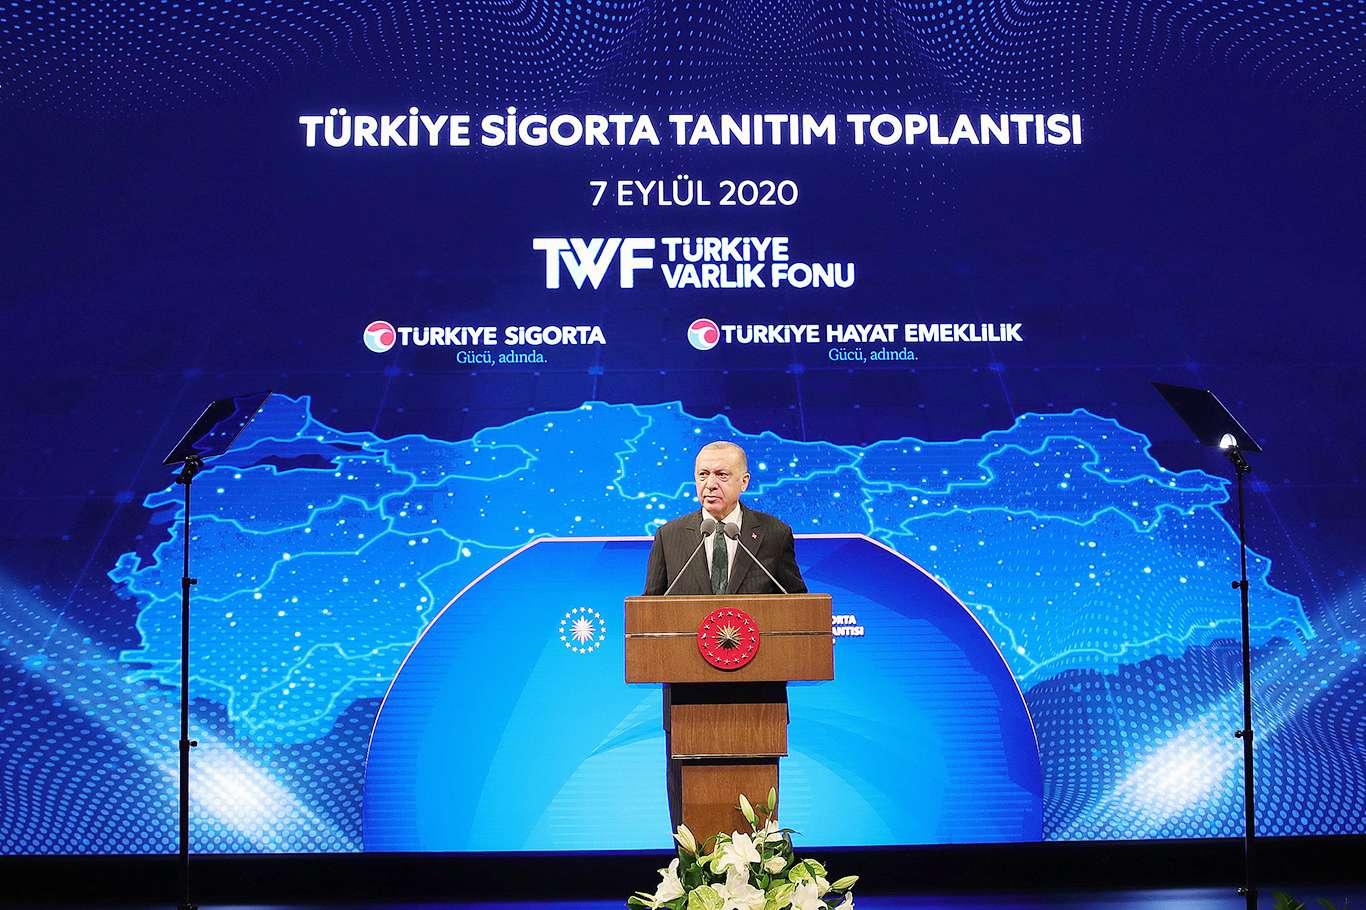 """Cumhurbaşkanı Erdoğan: """"Salgının artçı şoklarını halen hissediyoruz"""""""